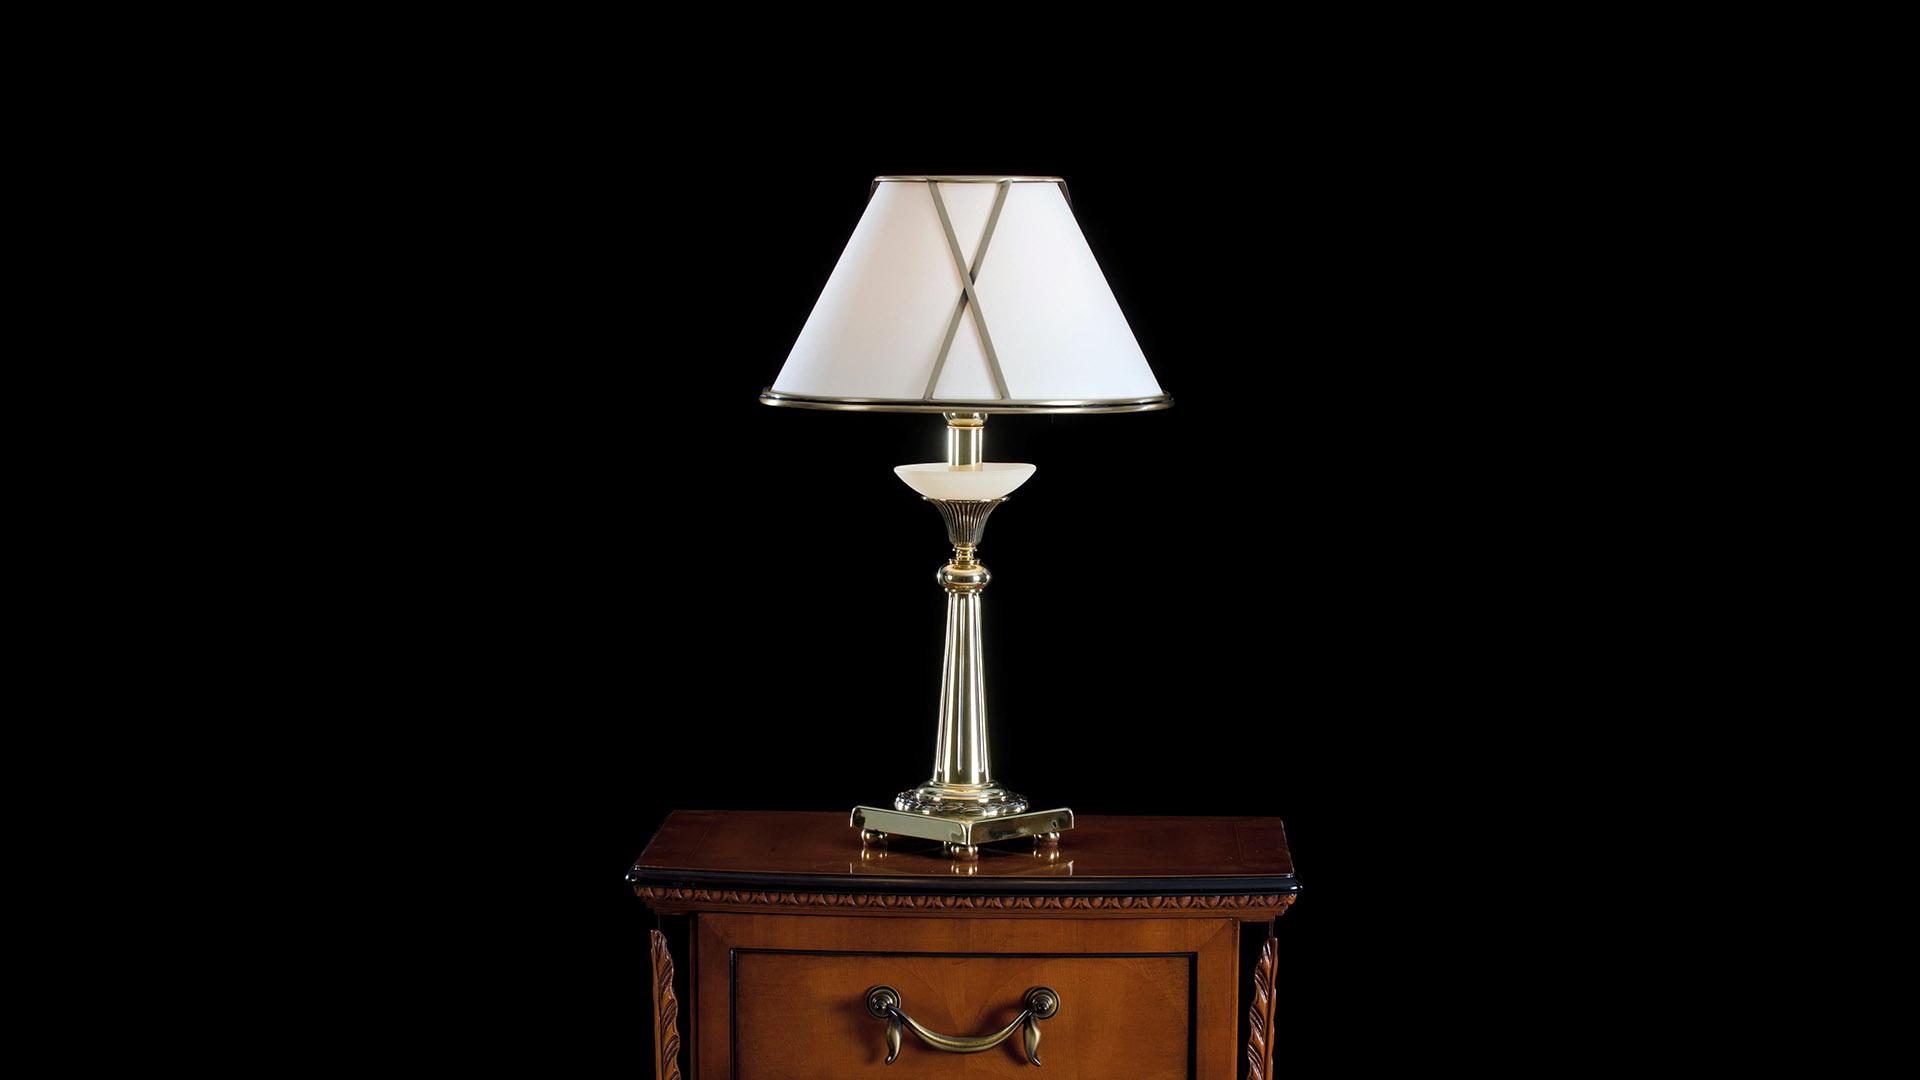 Lámpara de mesita clásica Alfil-2587 by Almerich en muebles antoñán® León